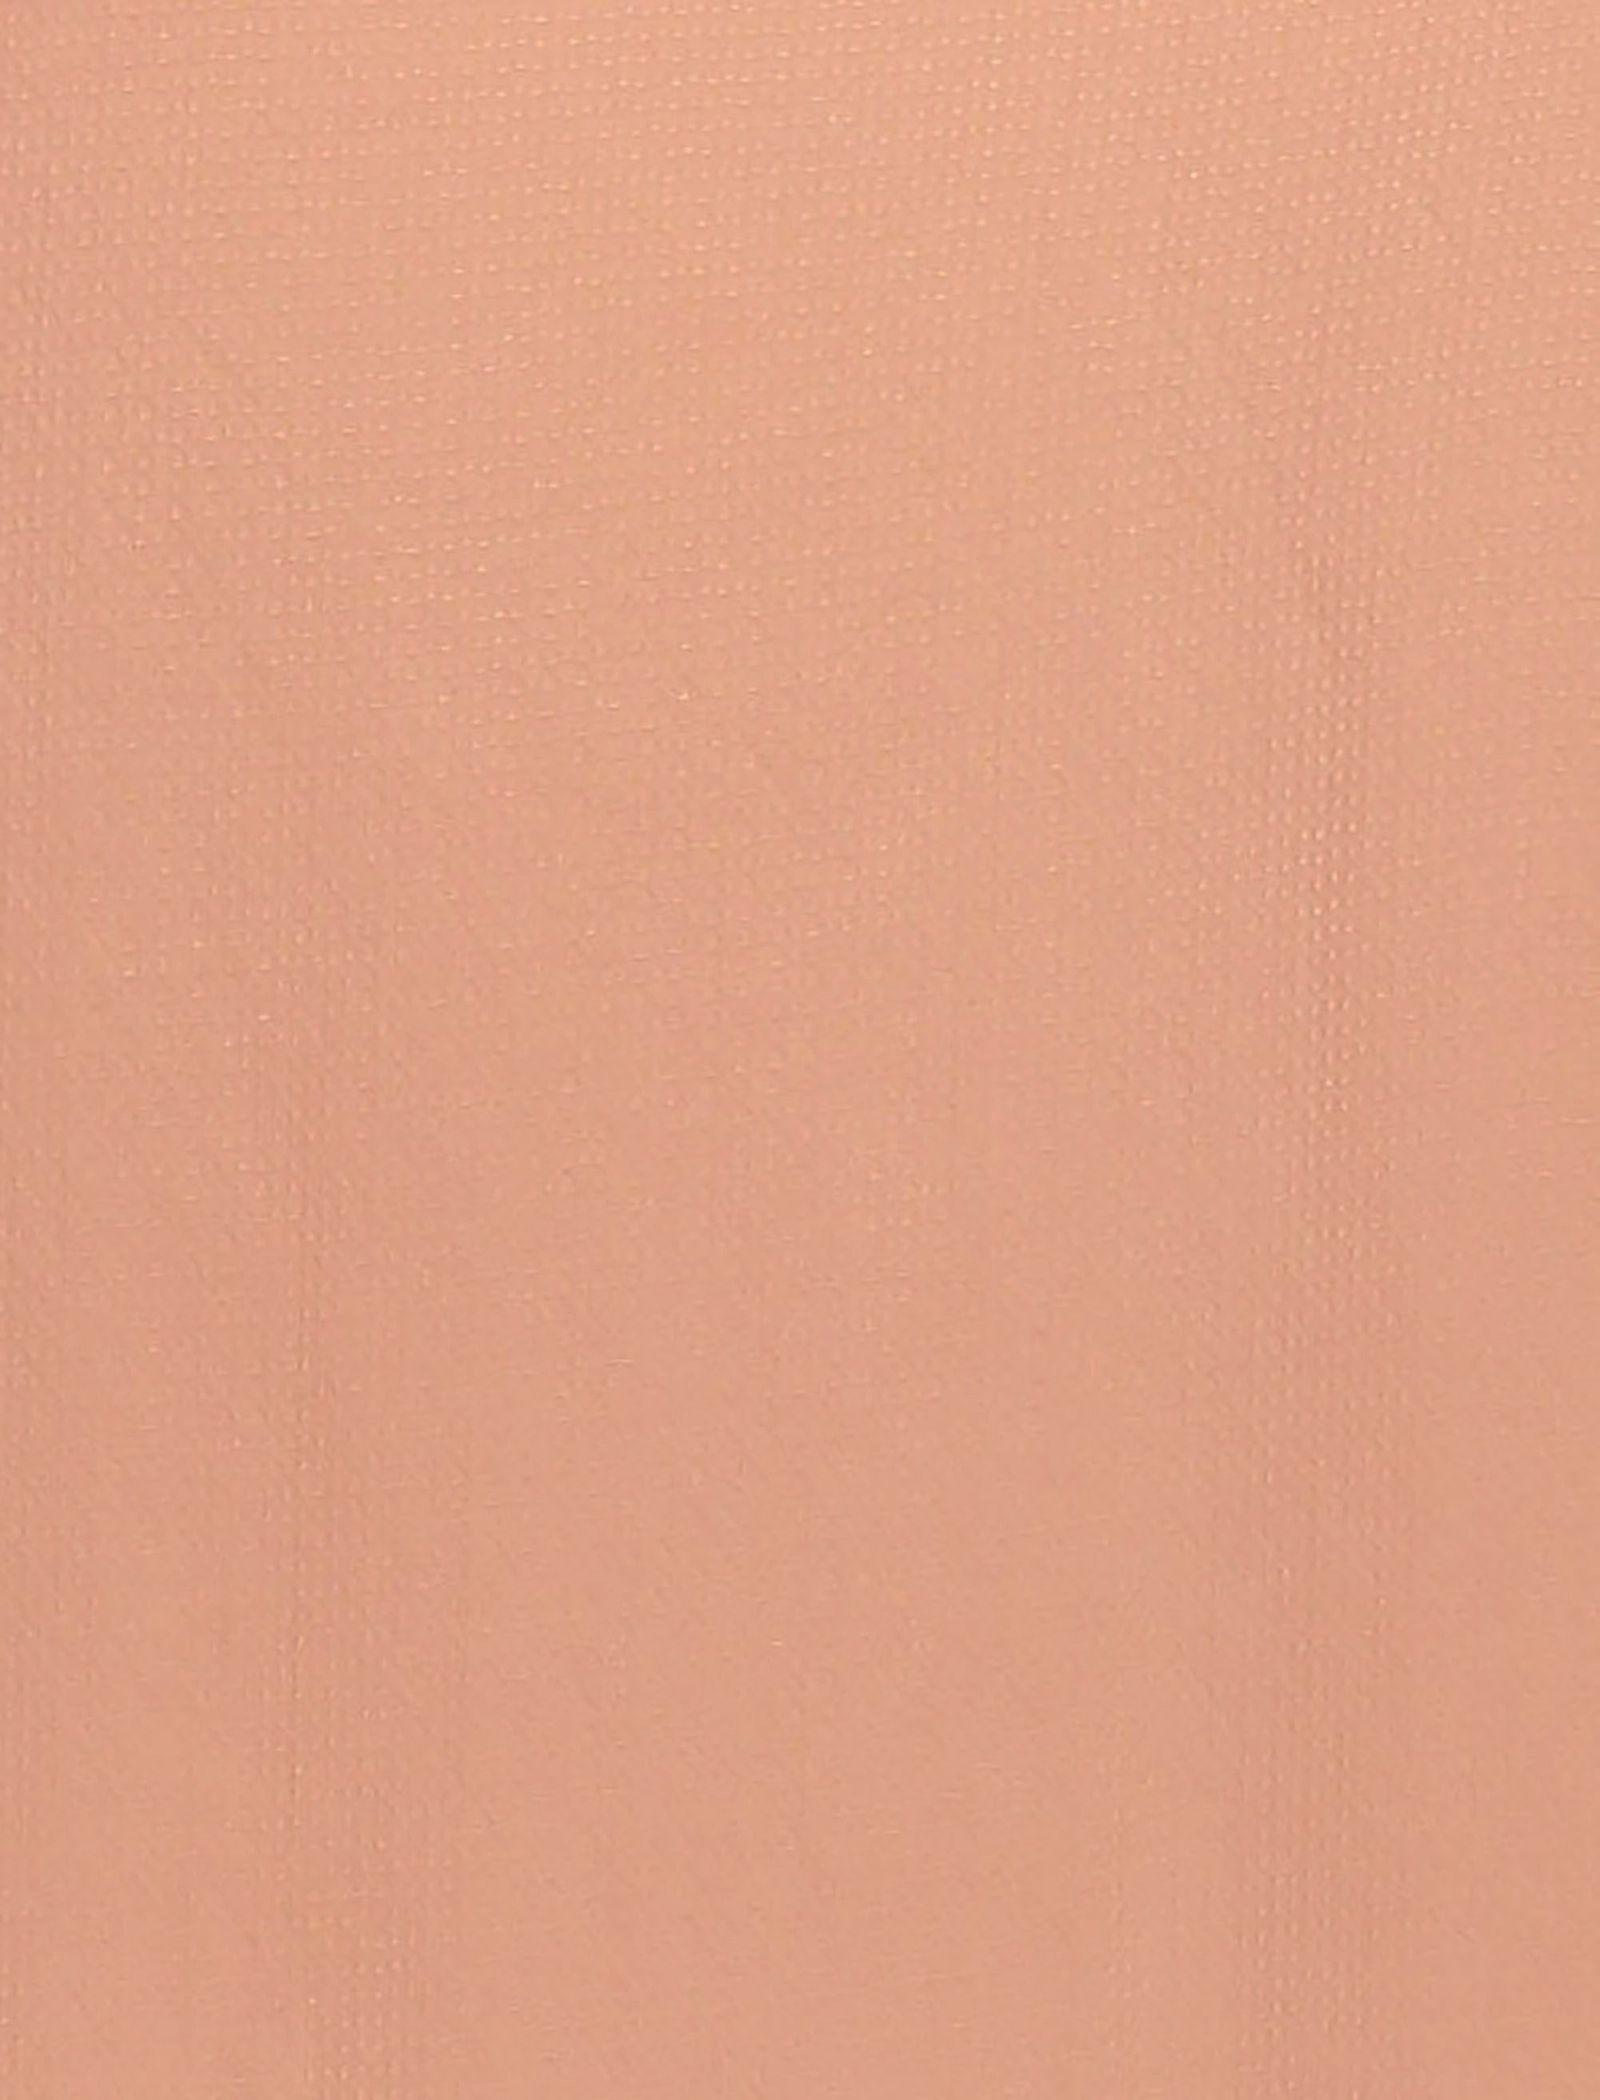 پیراهن کوتاه زنانه - مینیموم - صورتي - 6